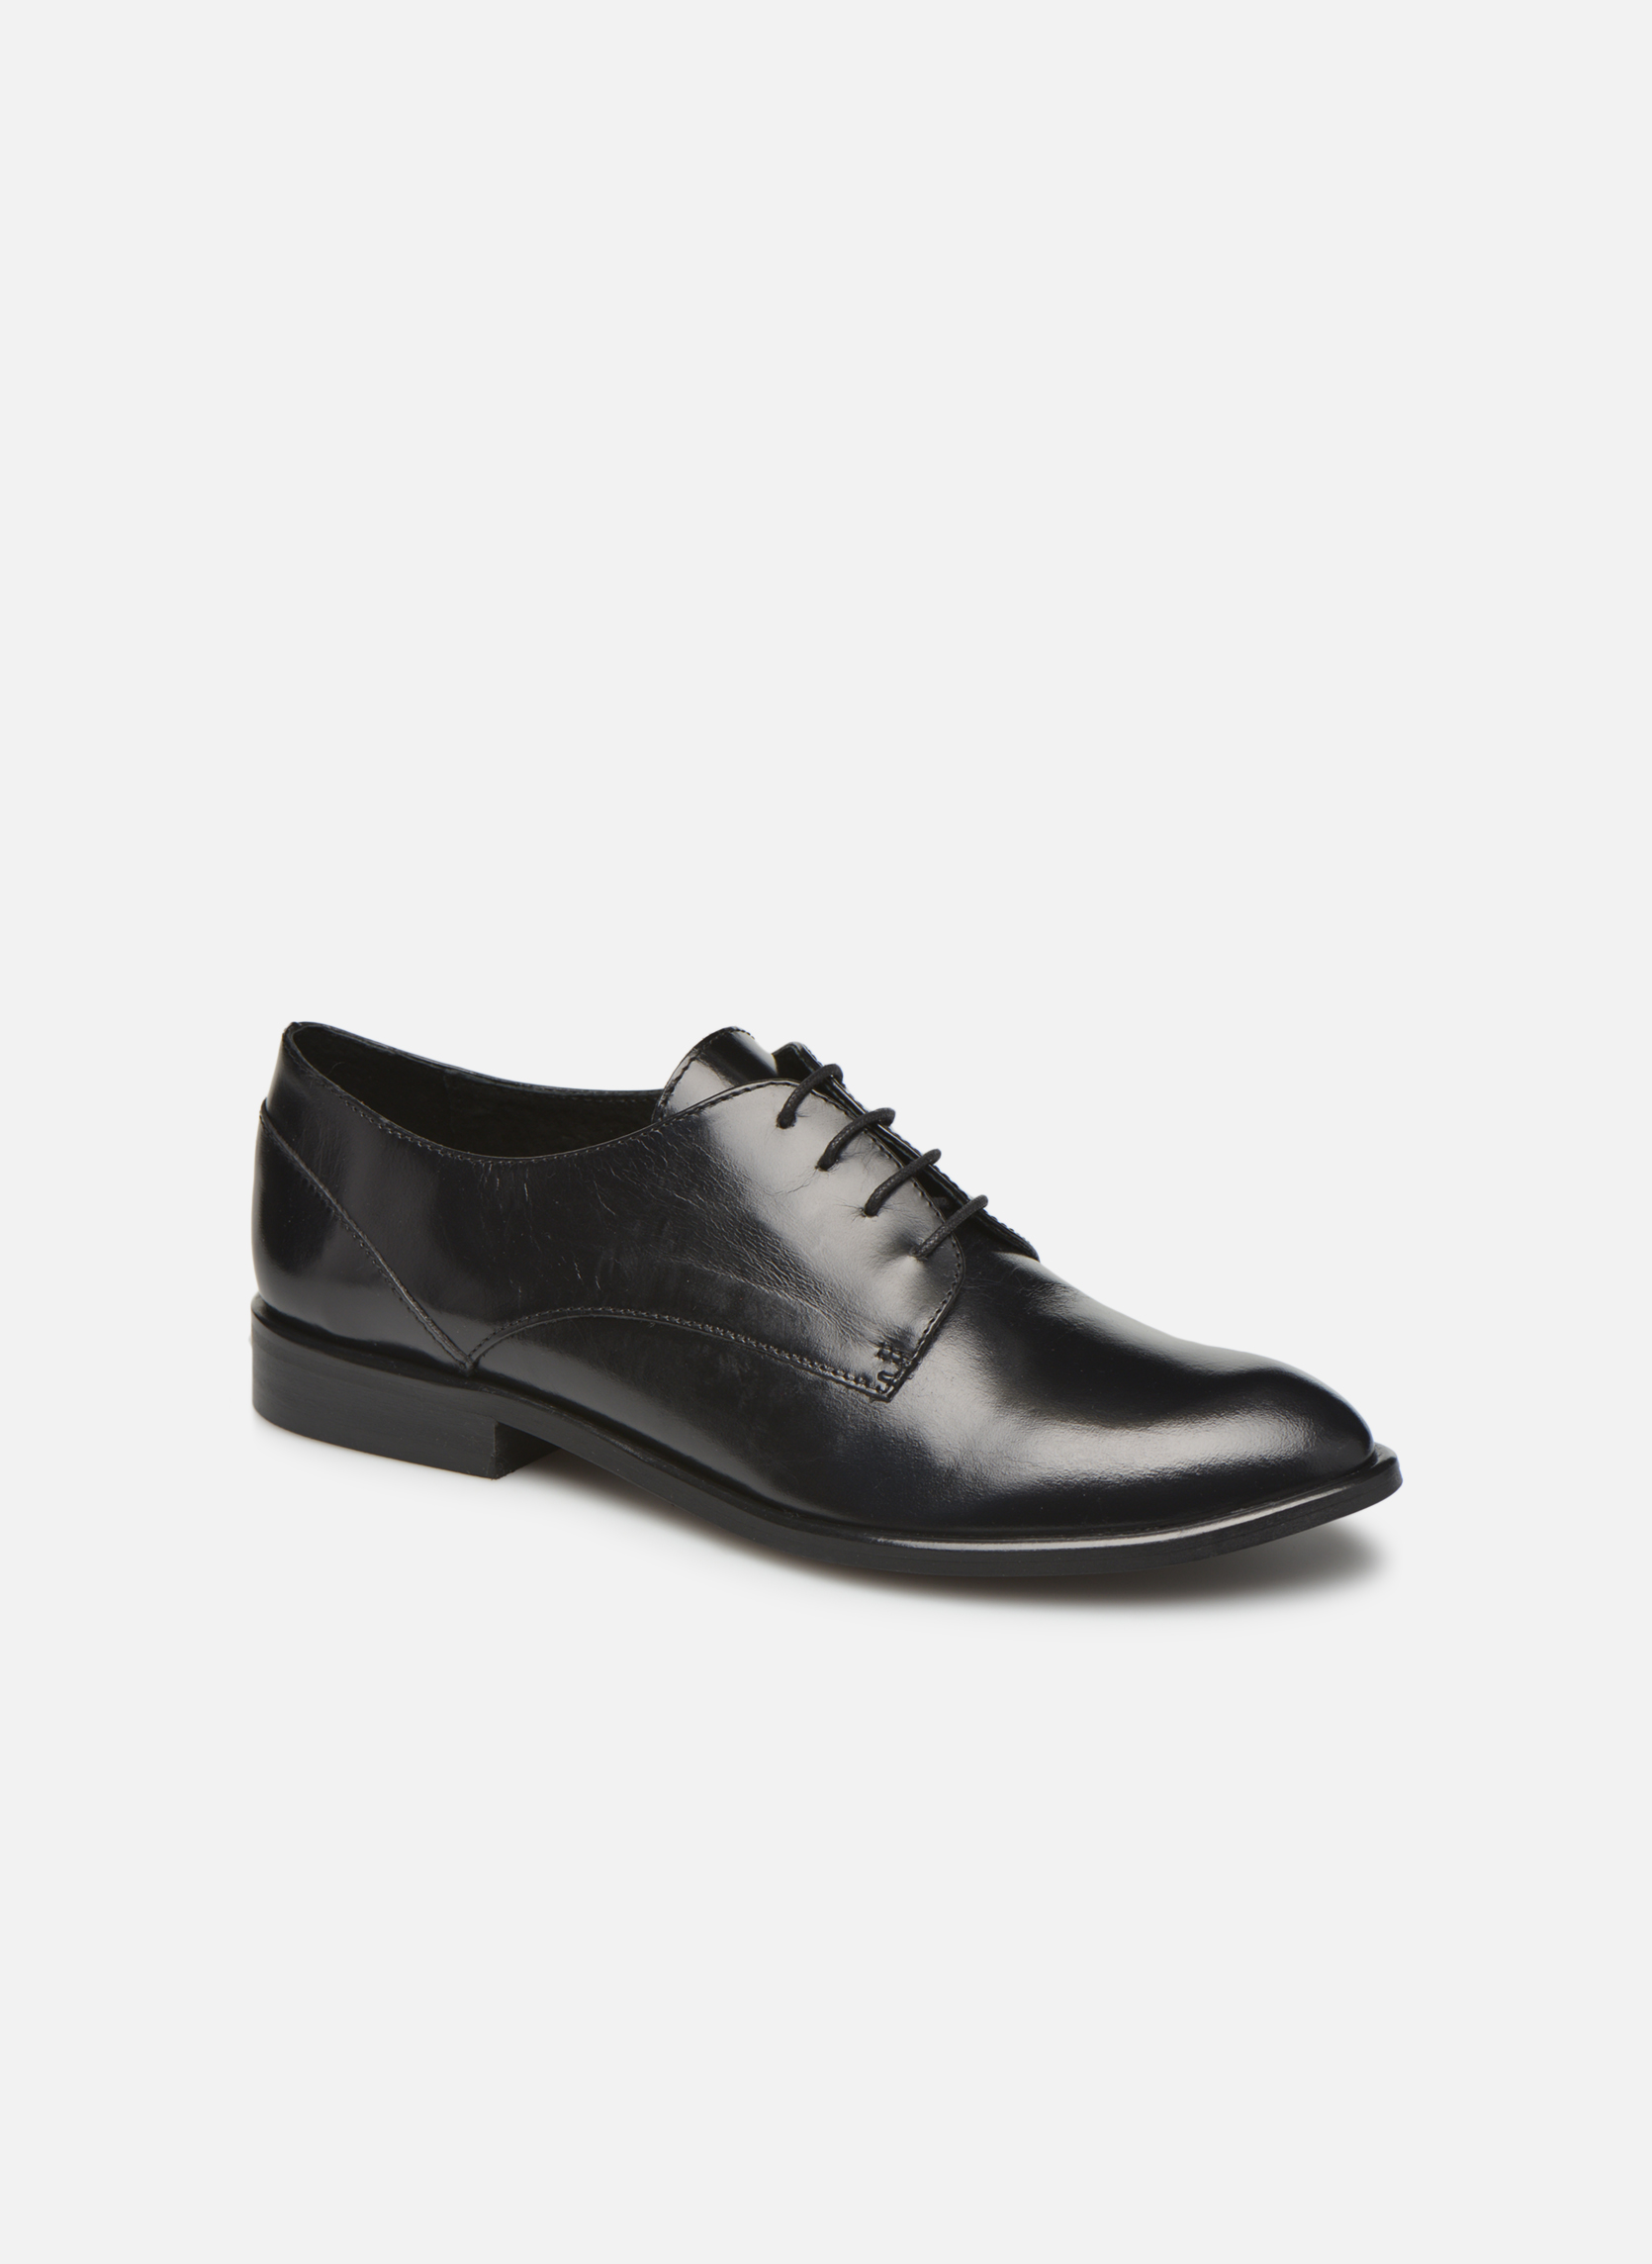 Chaussures à lacets Femme 2545